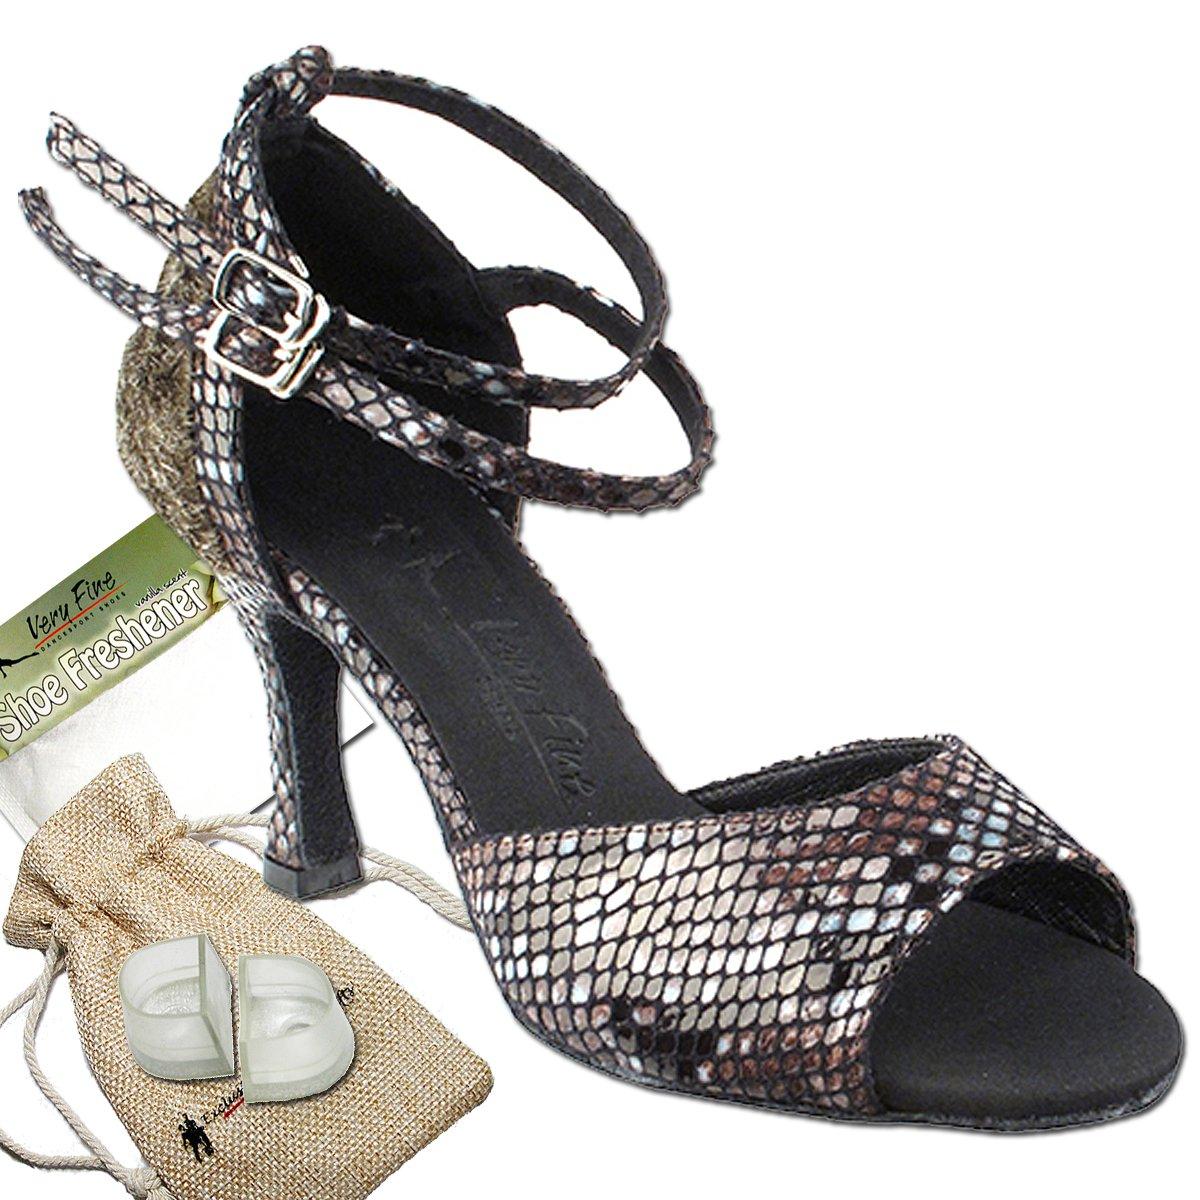 [Very Fine Dance Shoes] レディース B01HHCTAQS ブラウンスネーク 9.5 B(M) US